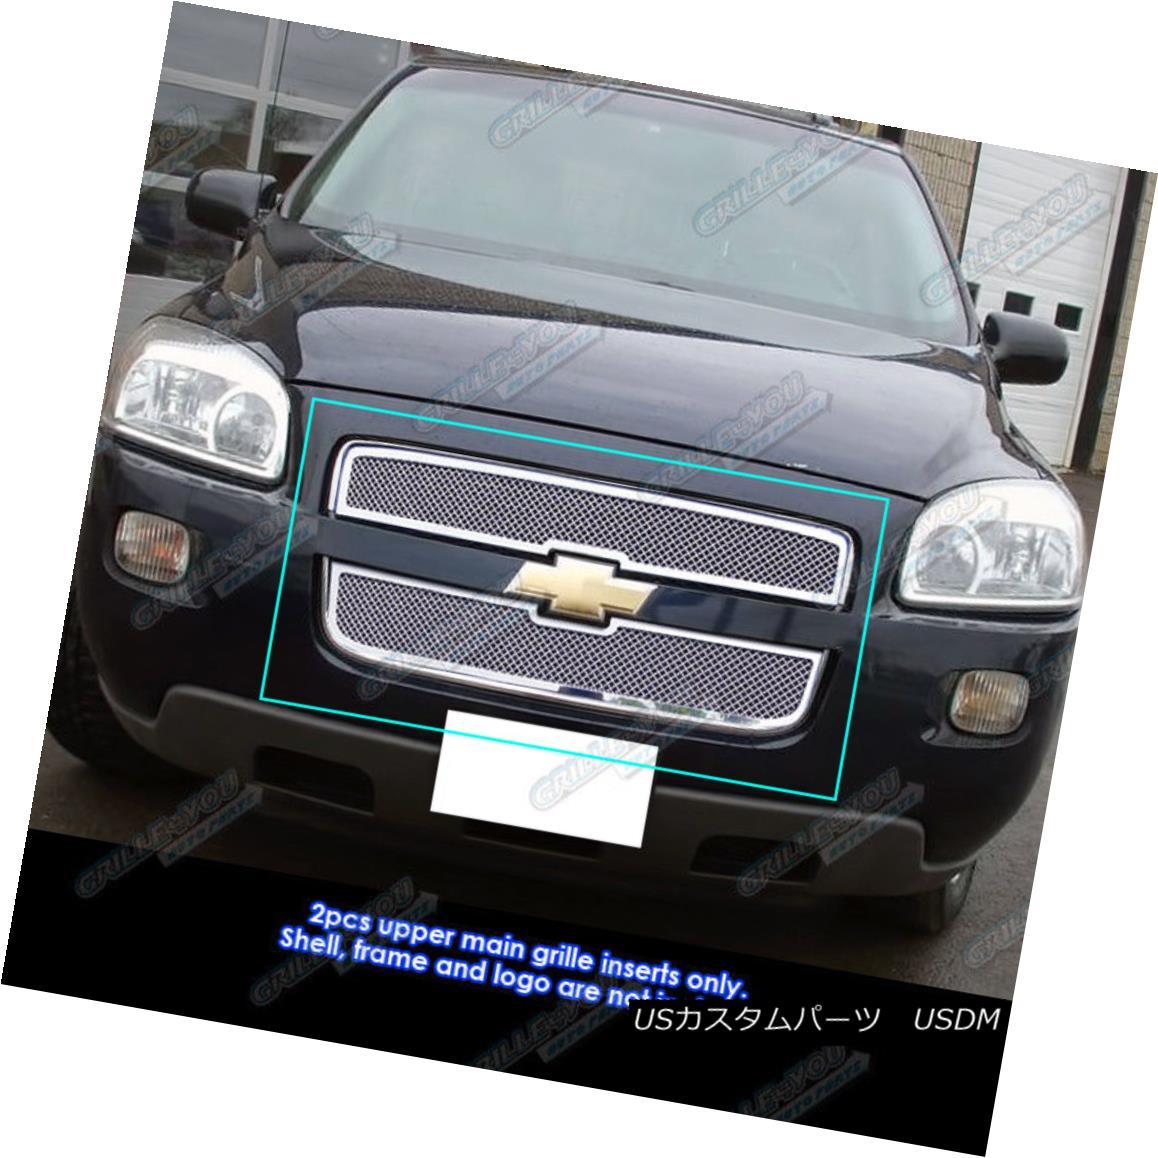 グリル Fits 2005-2008 Chevy Uplander Mesh Grille Insert 2005-2008のChevy Uplander Mesh Grilleインサートに適合